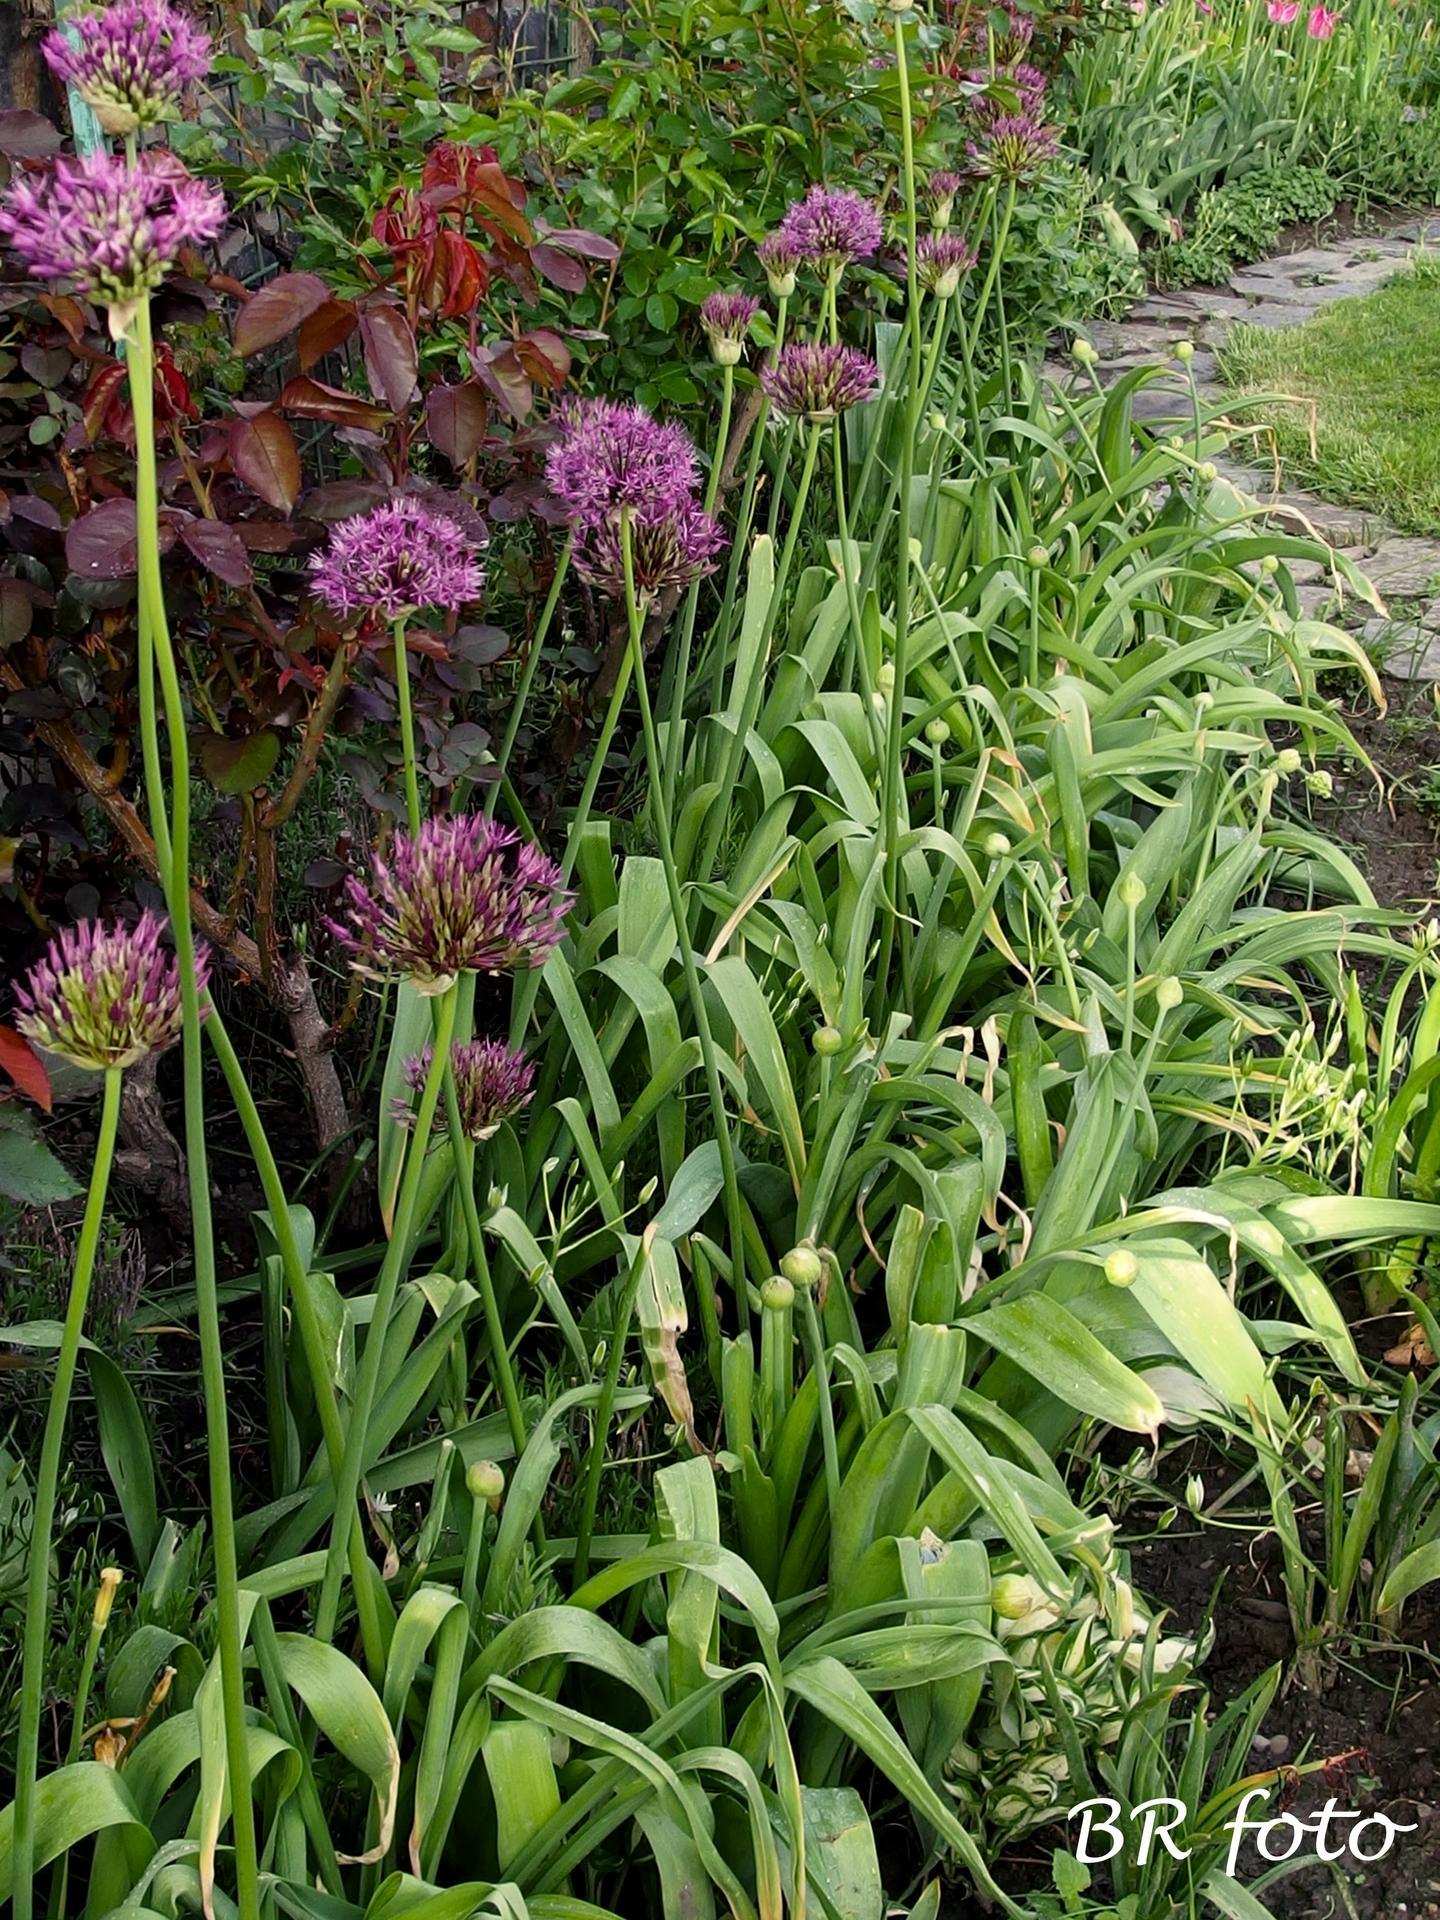 Pozvání do zahrady 2021 - vloni vysázené česneky, ty vyšší už kvetou, na ty nízké jsem zvědavá...